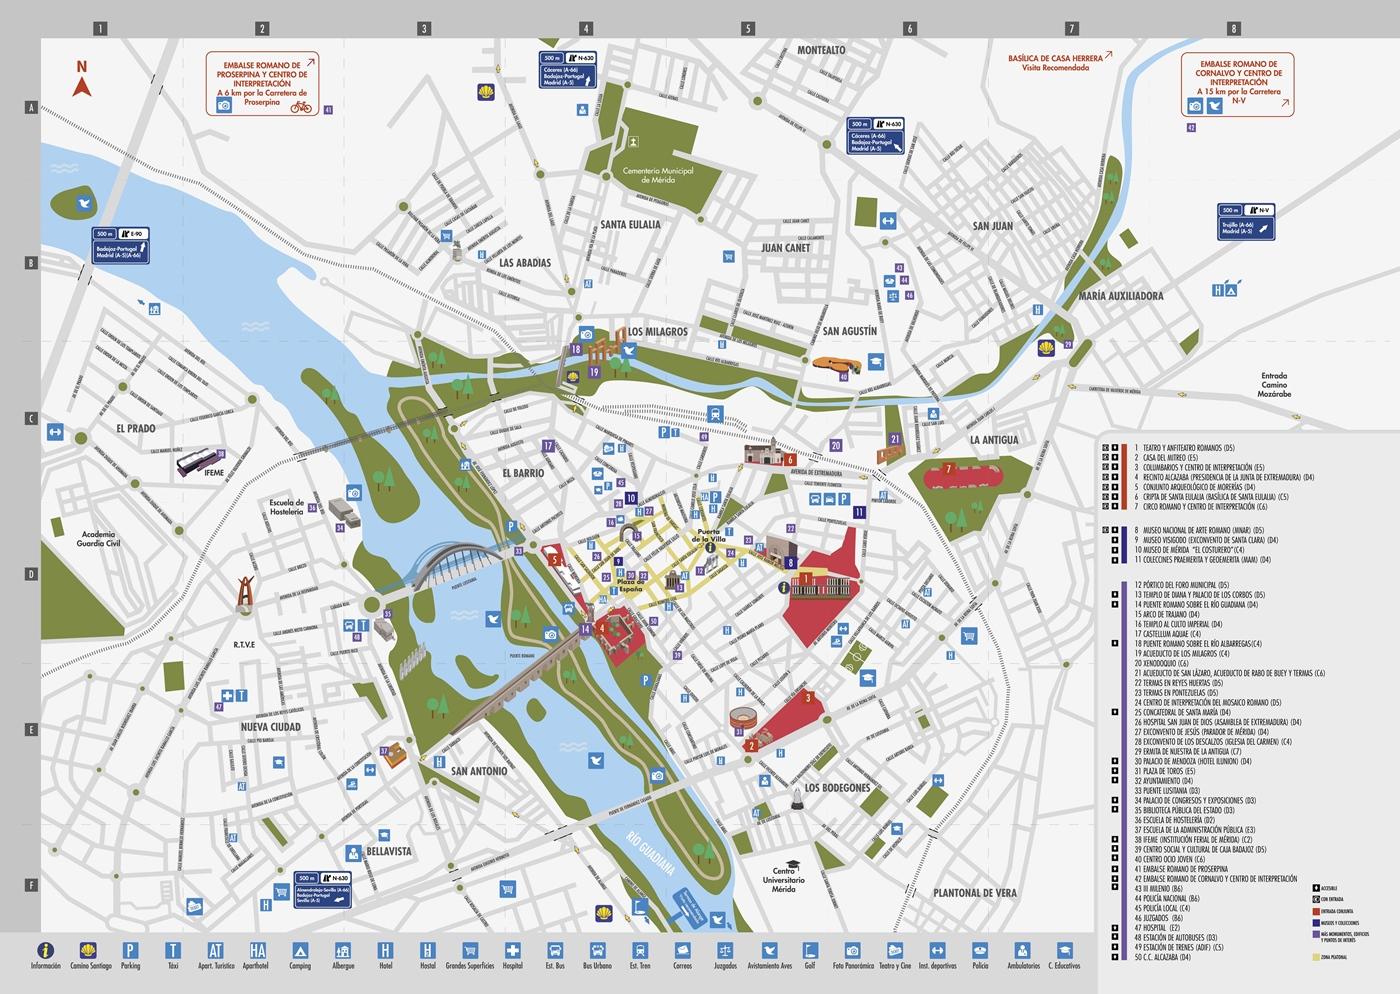 M rida el nuevo plano tur stico est ya disponible en la for Oficina de turismo de merida